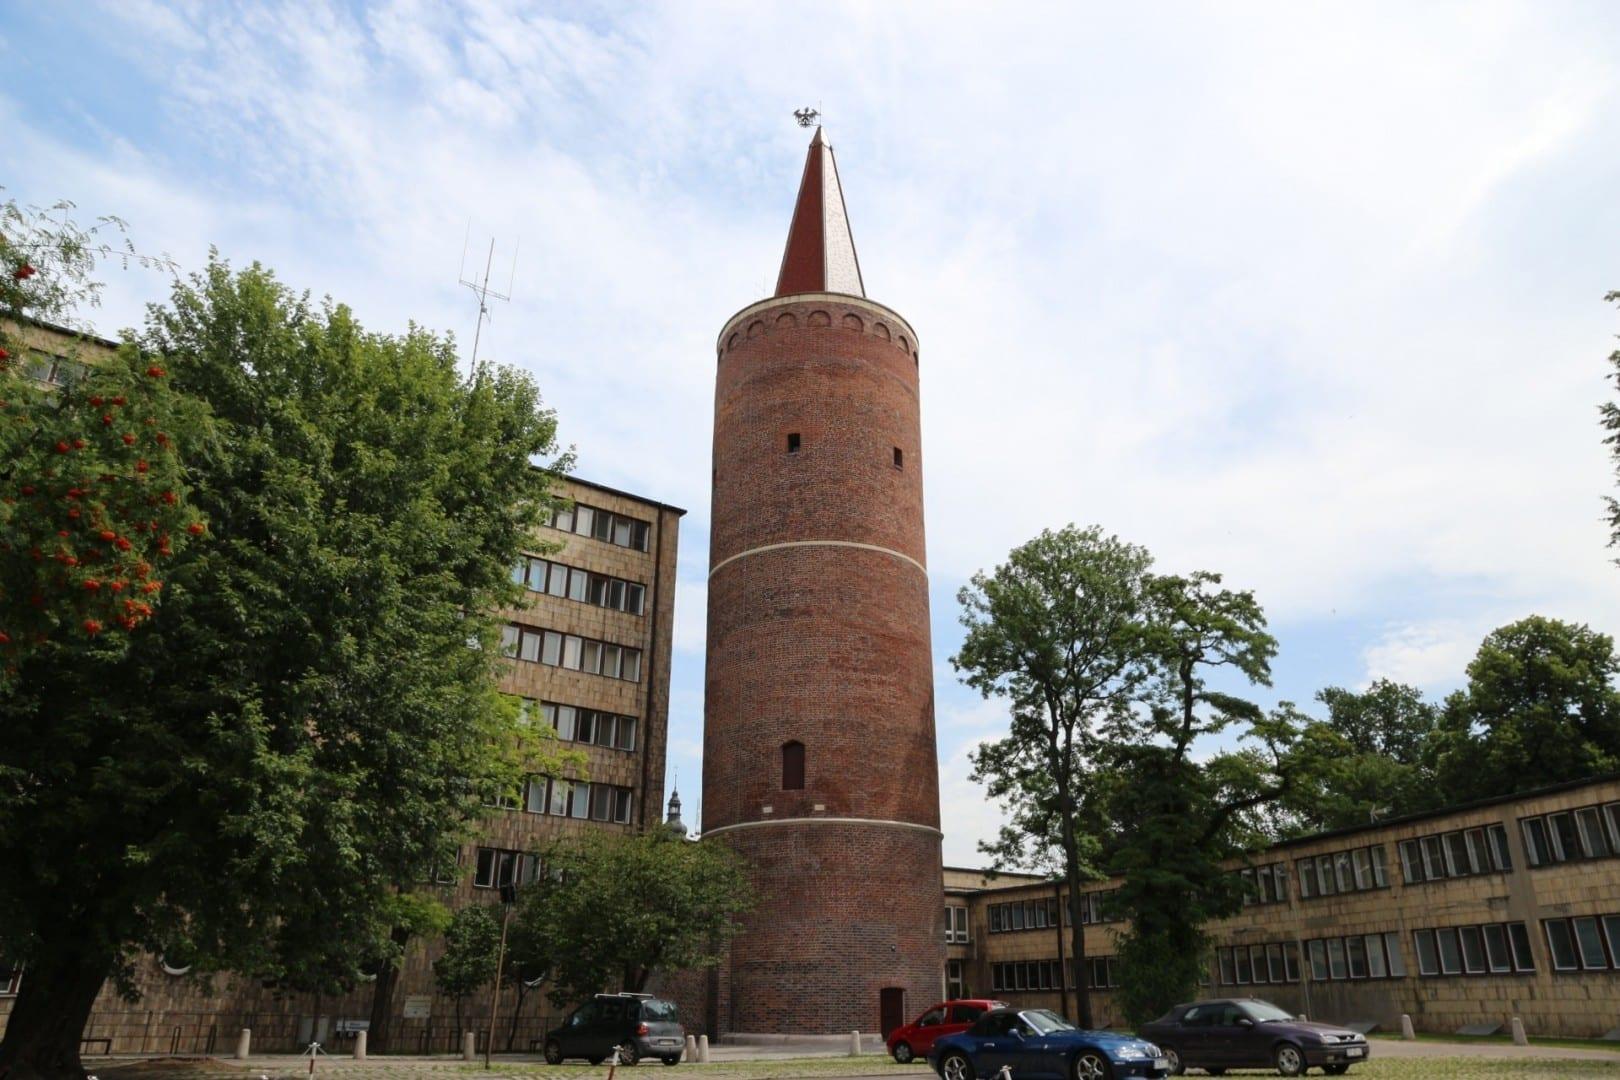 La torre de Piast del siglo 13/14 Opole Polonia